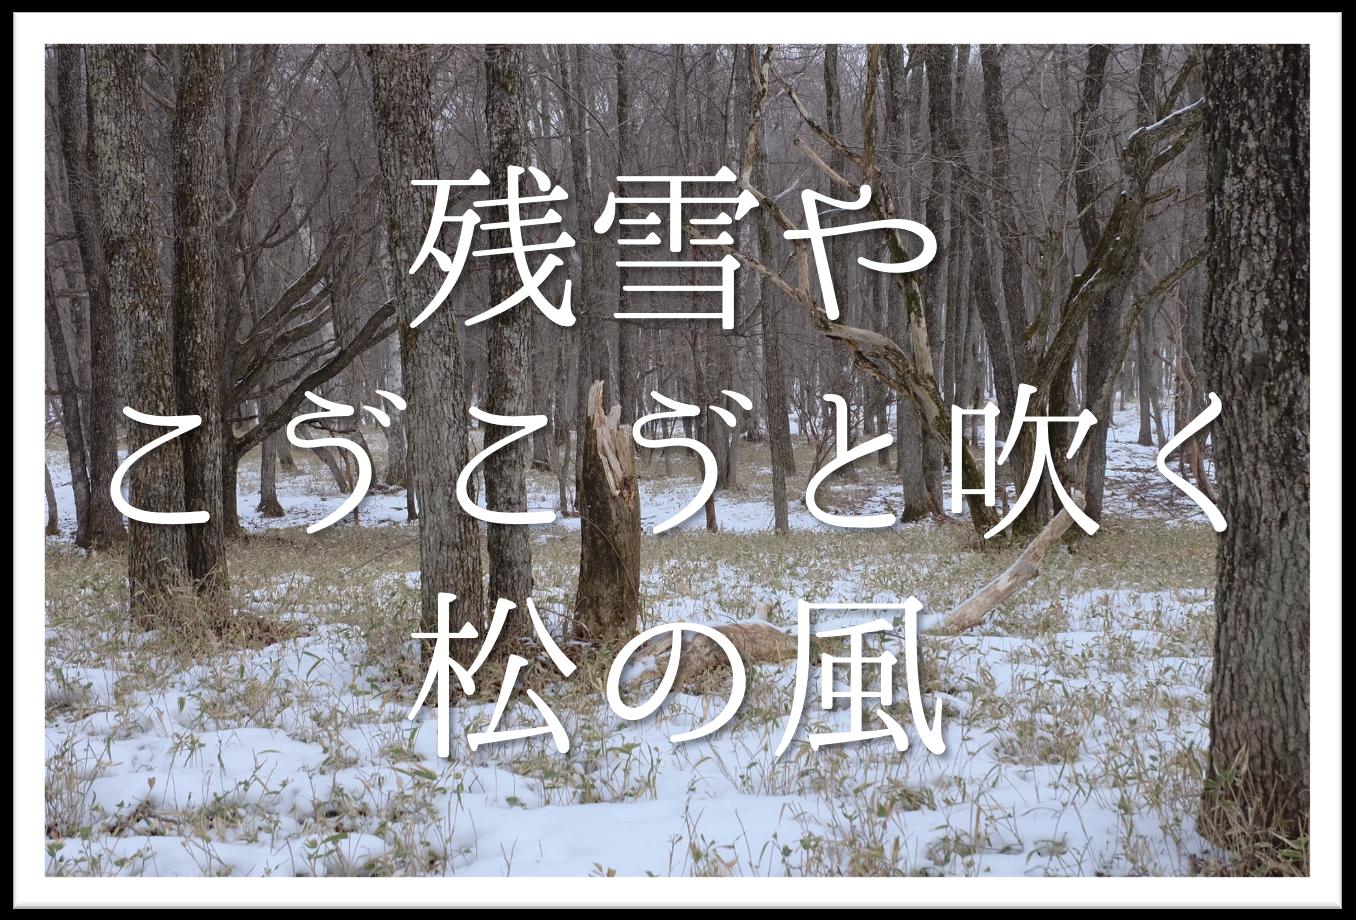 【残雪やごうごうと吹く松の風】俳句の季語や意味・表現技法・鑑賞など徹底解説!!